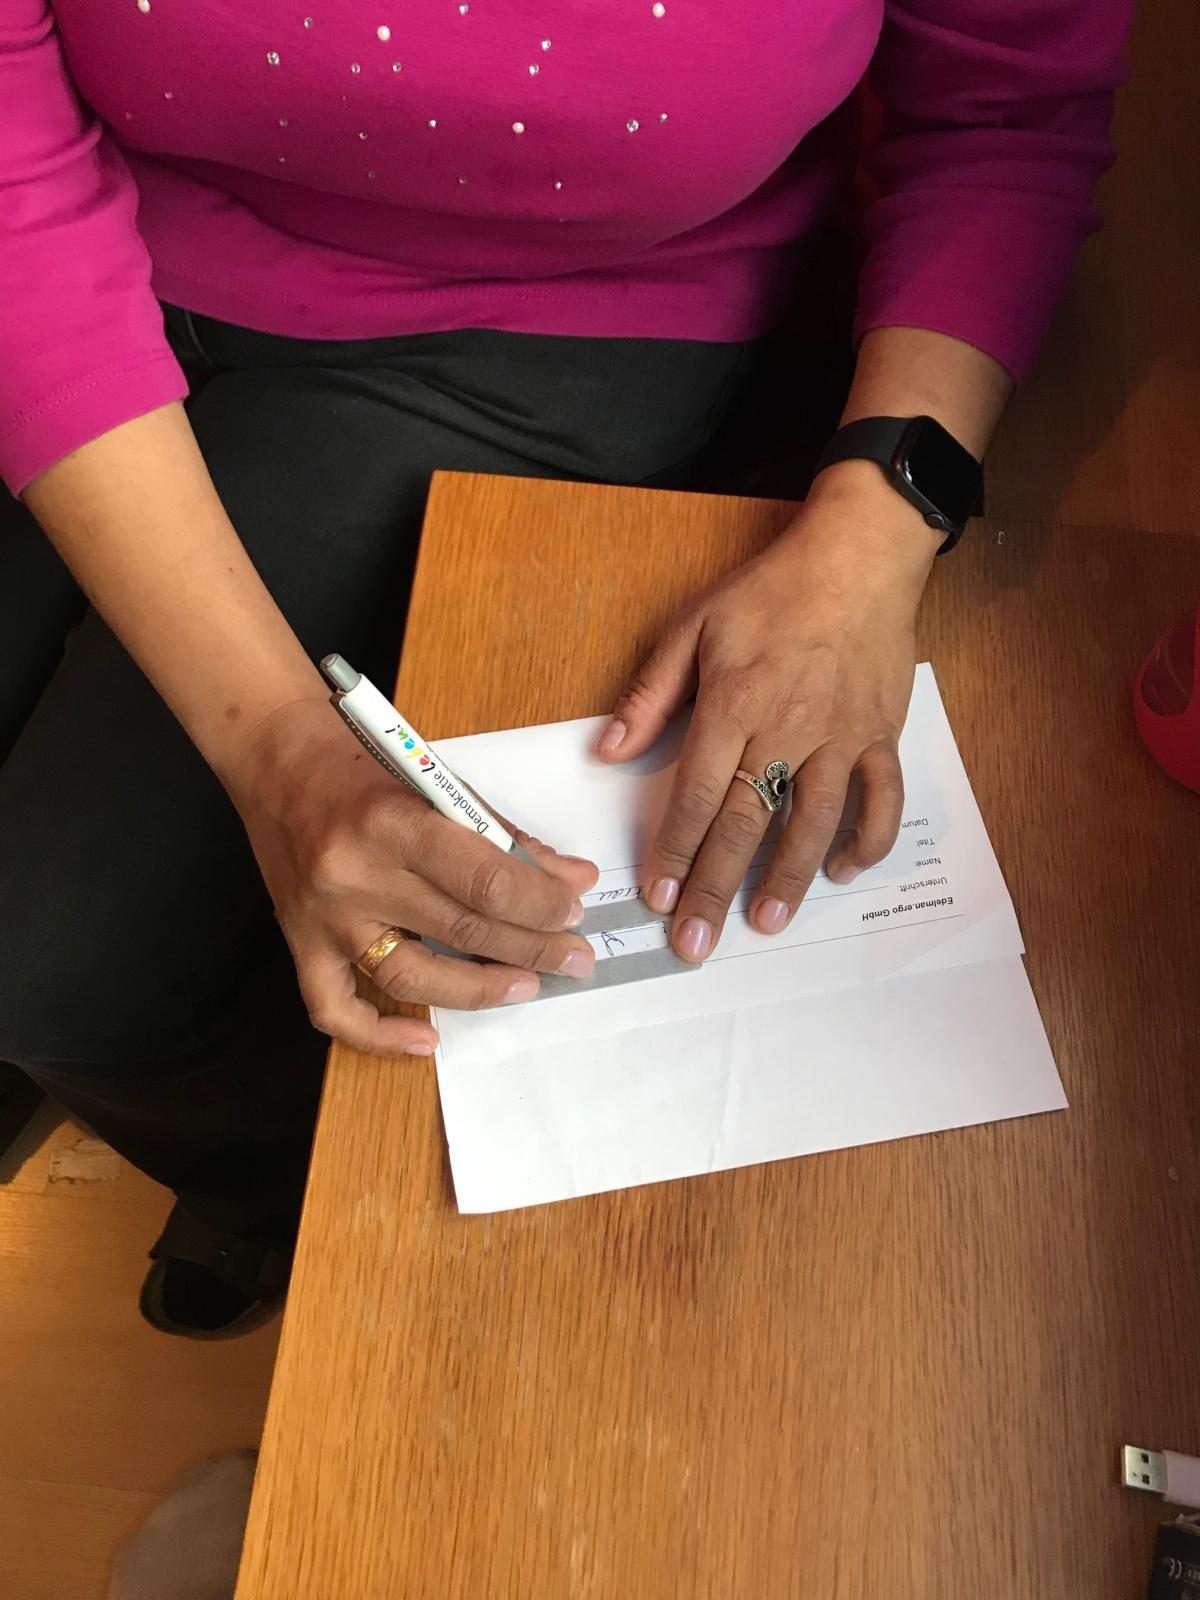 Lydia hält mit der linken Hand eine Unterschriftenschablone fest, während sie mit der Rechten darin unterschreibt